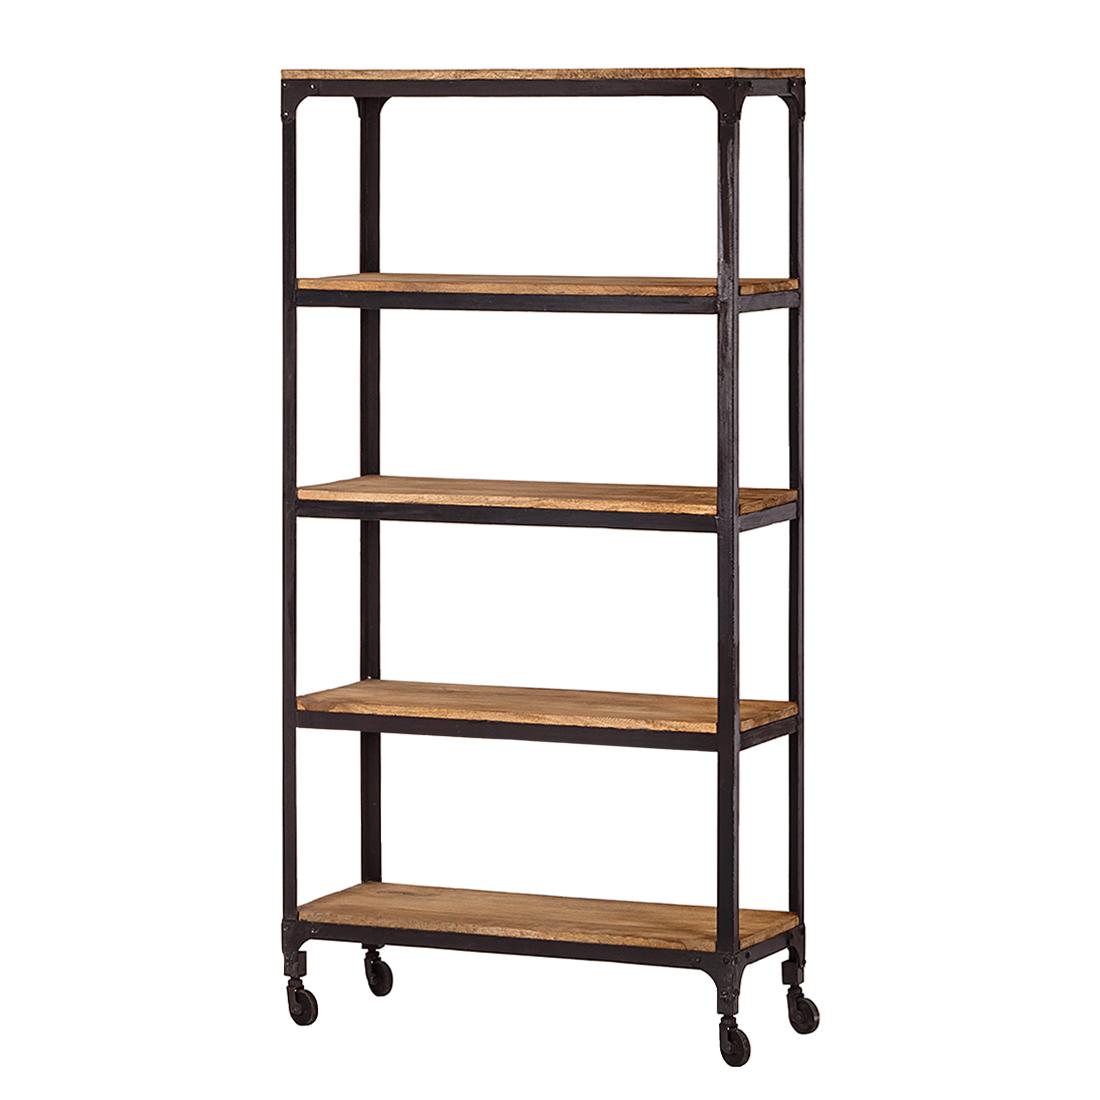 metalen rek storm  zwart gelakt  met  planken kleine meubels  - metalen rek storm  zwart gelakt  met  planken kleine meubelstiptopkadonl